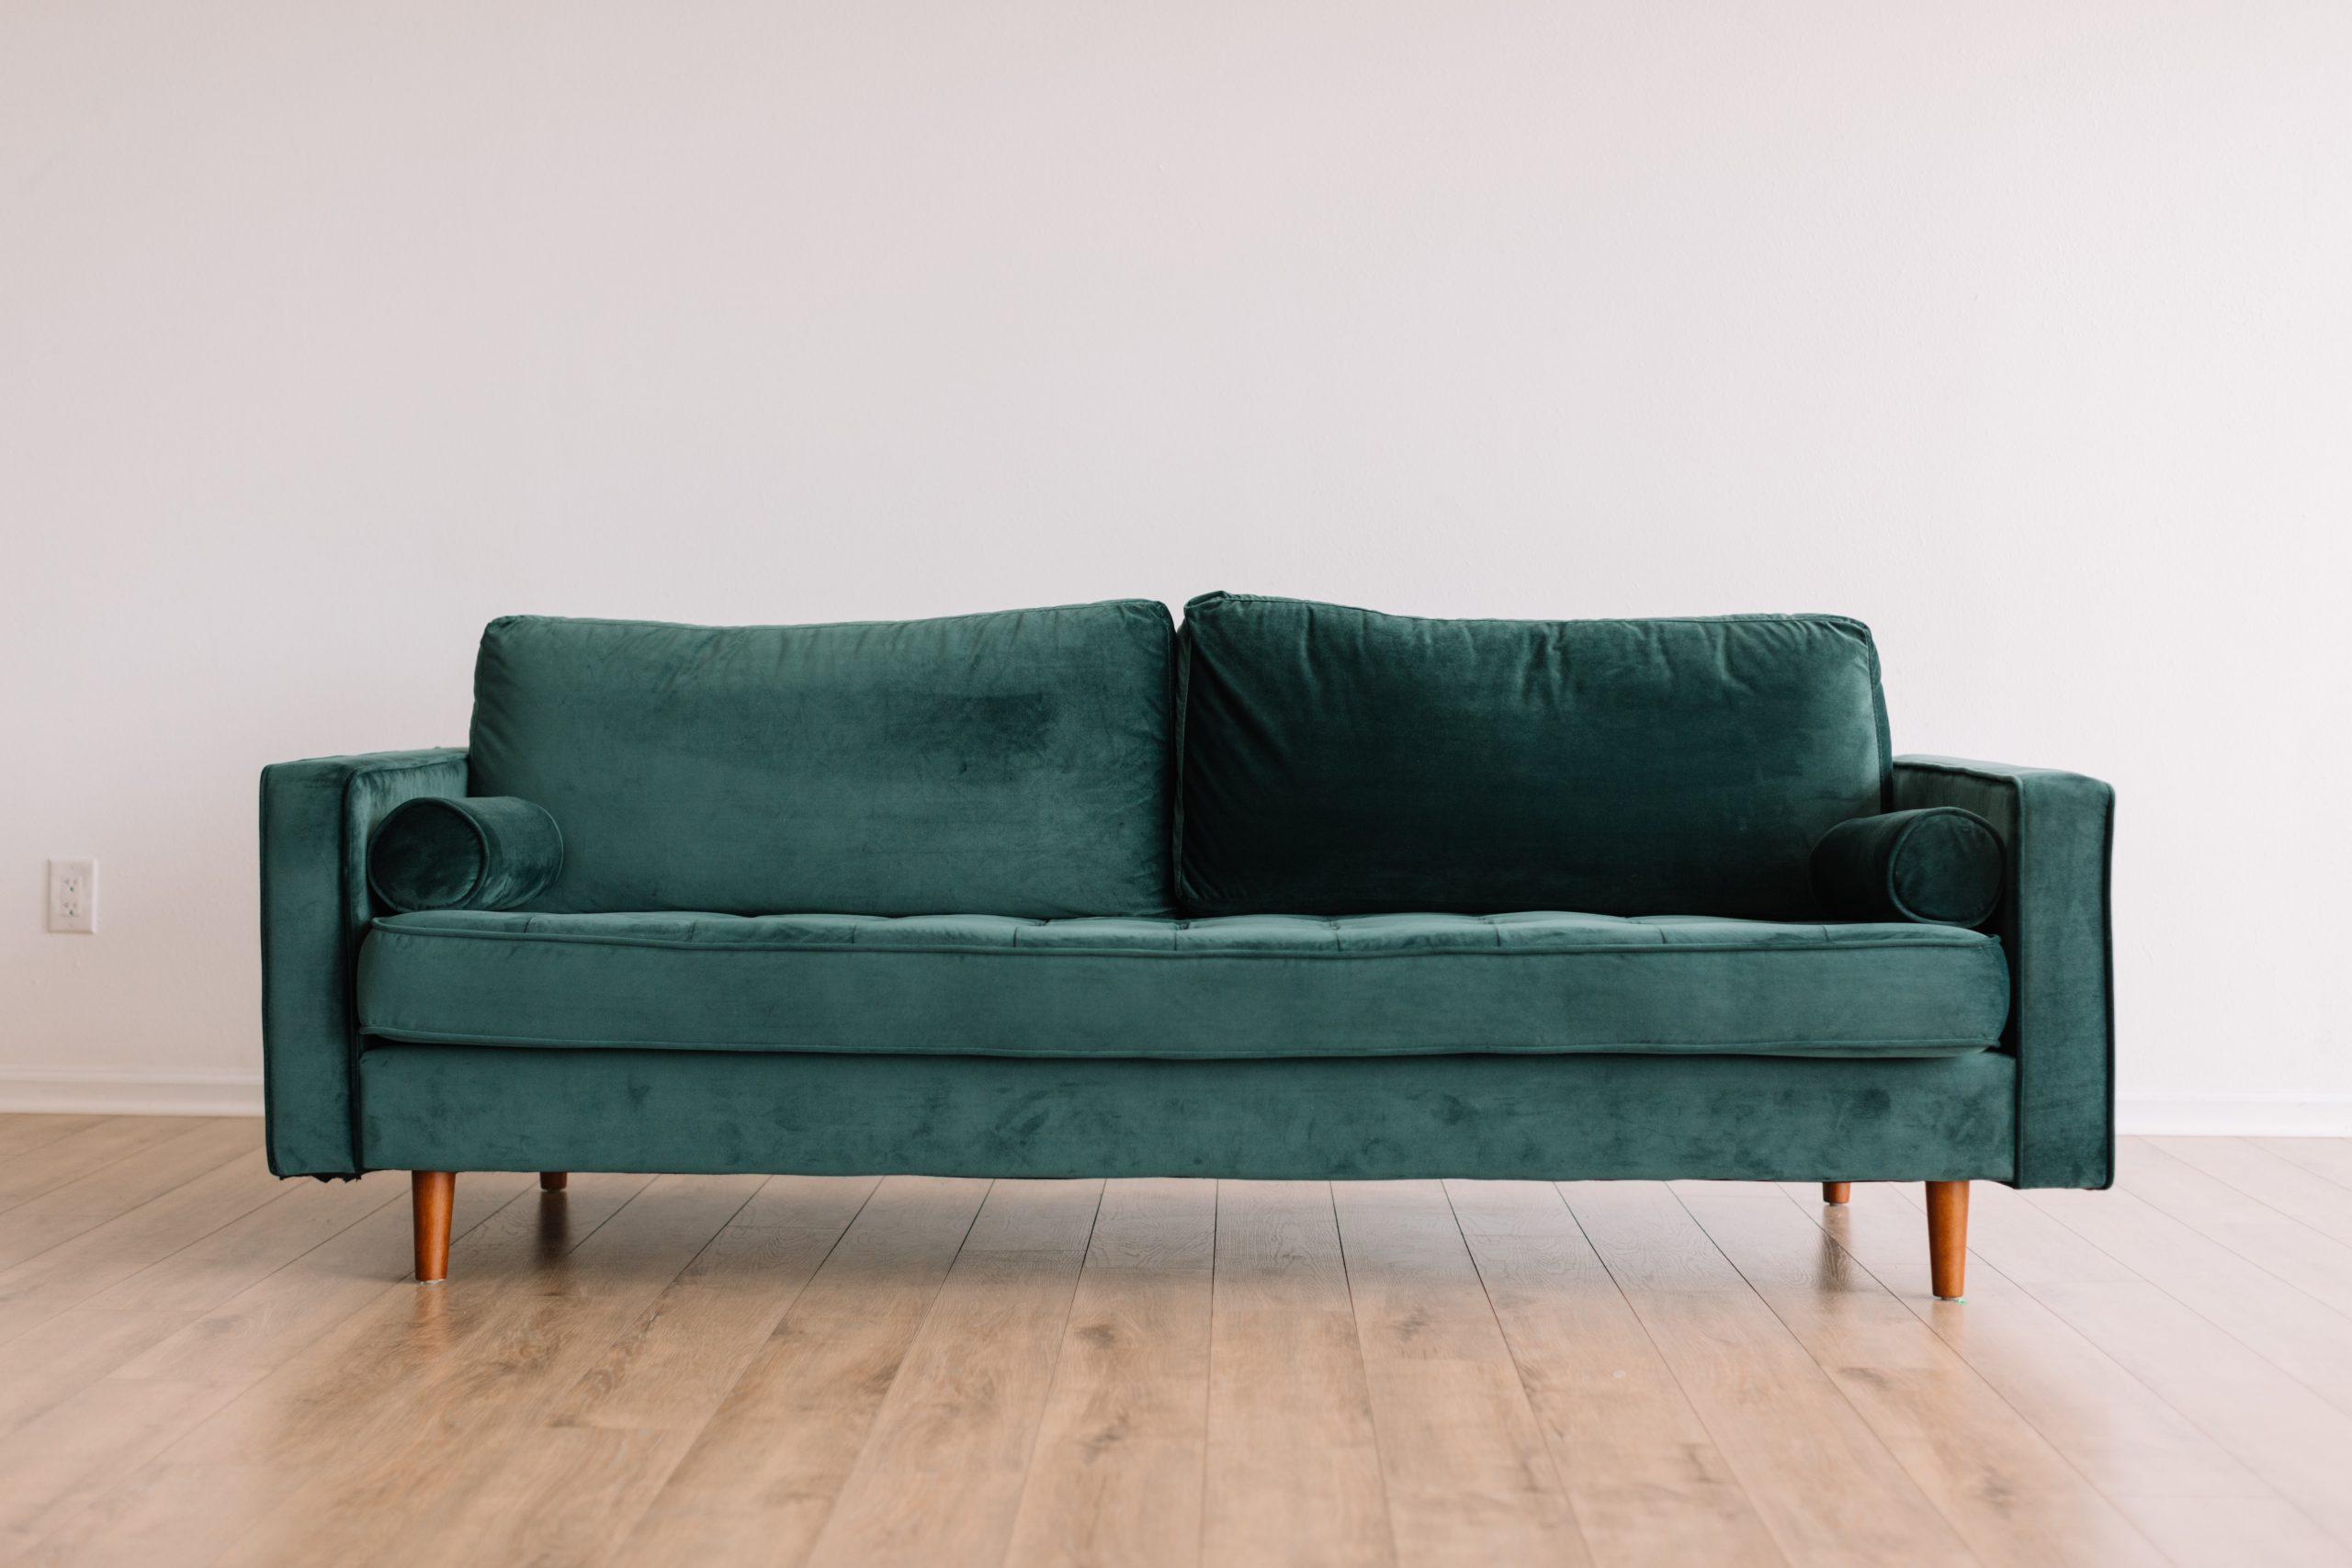 Jak wybrać meble do nowego mieszkania?